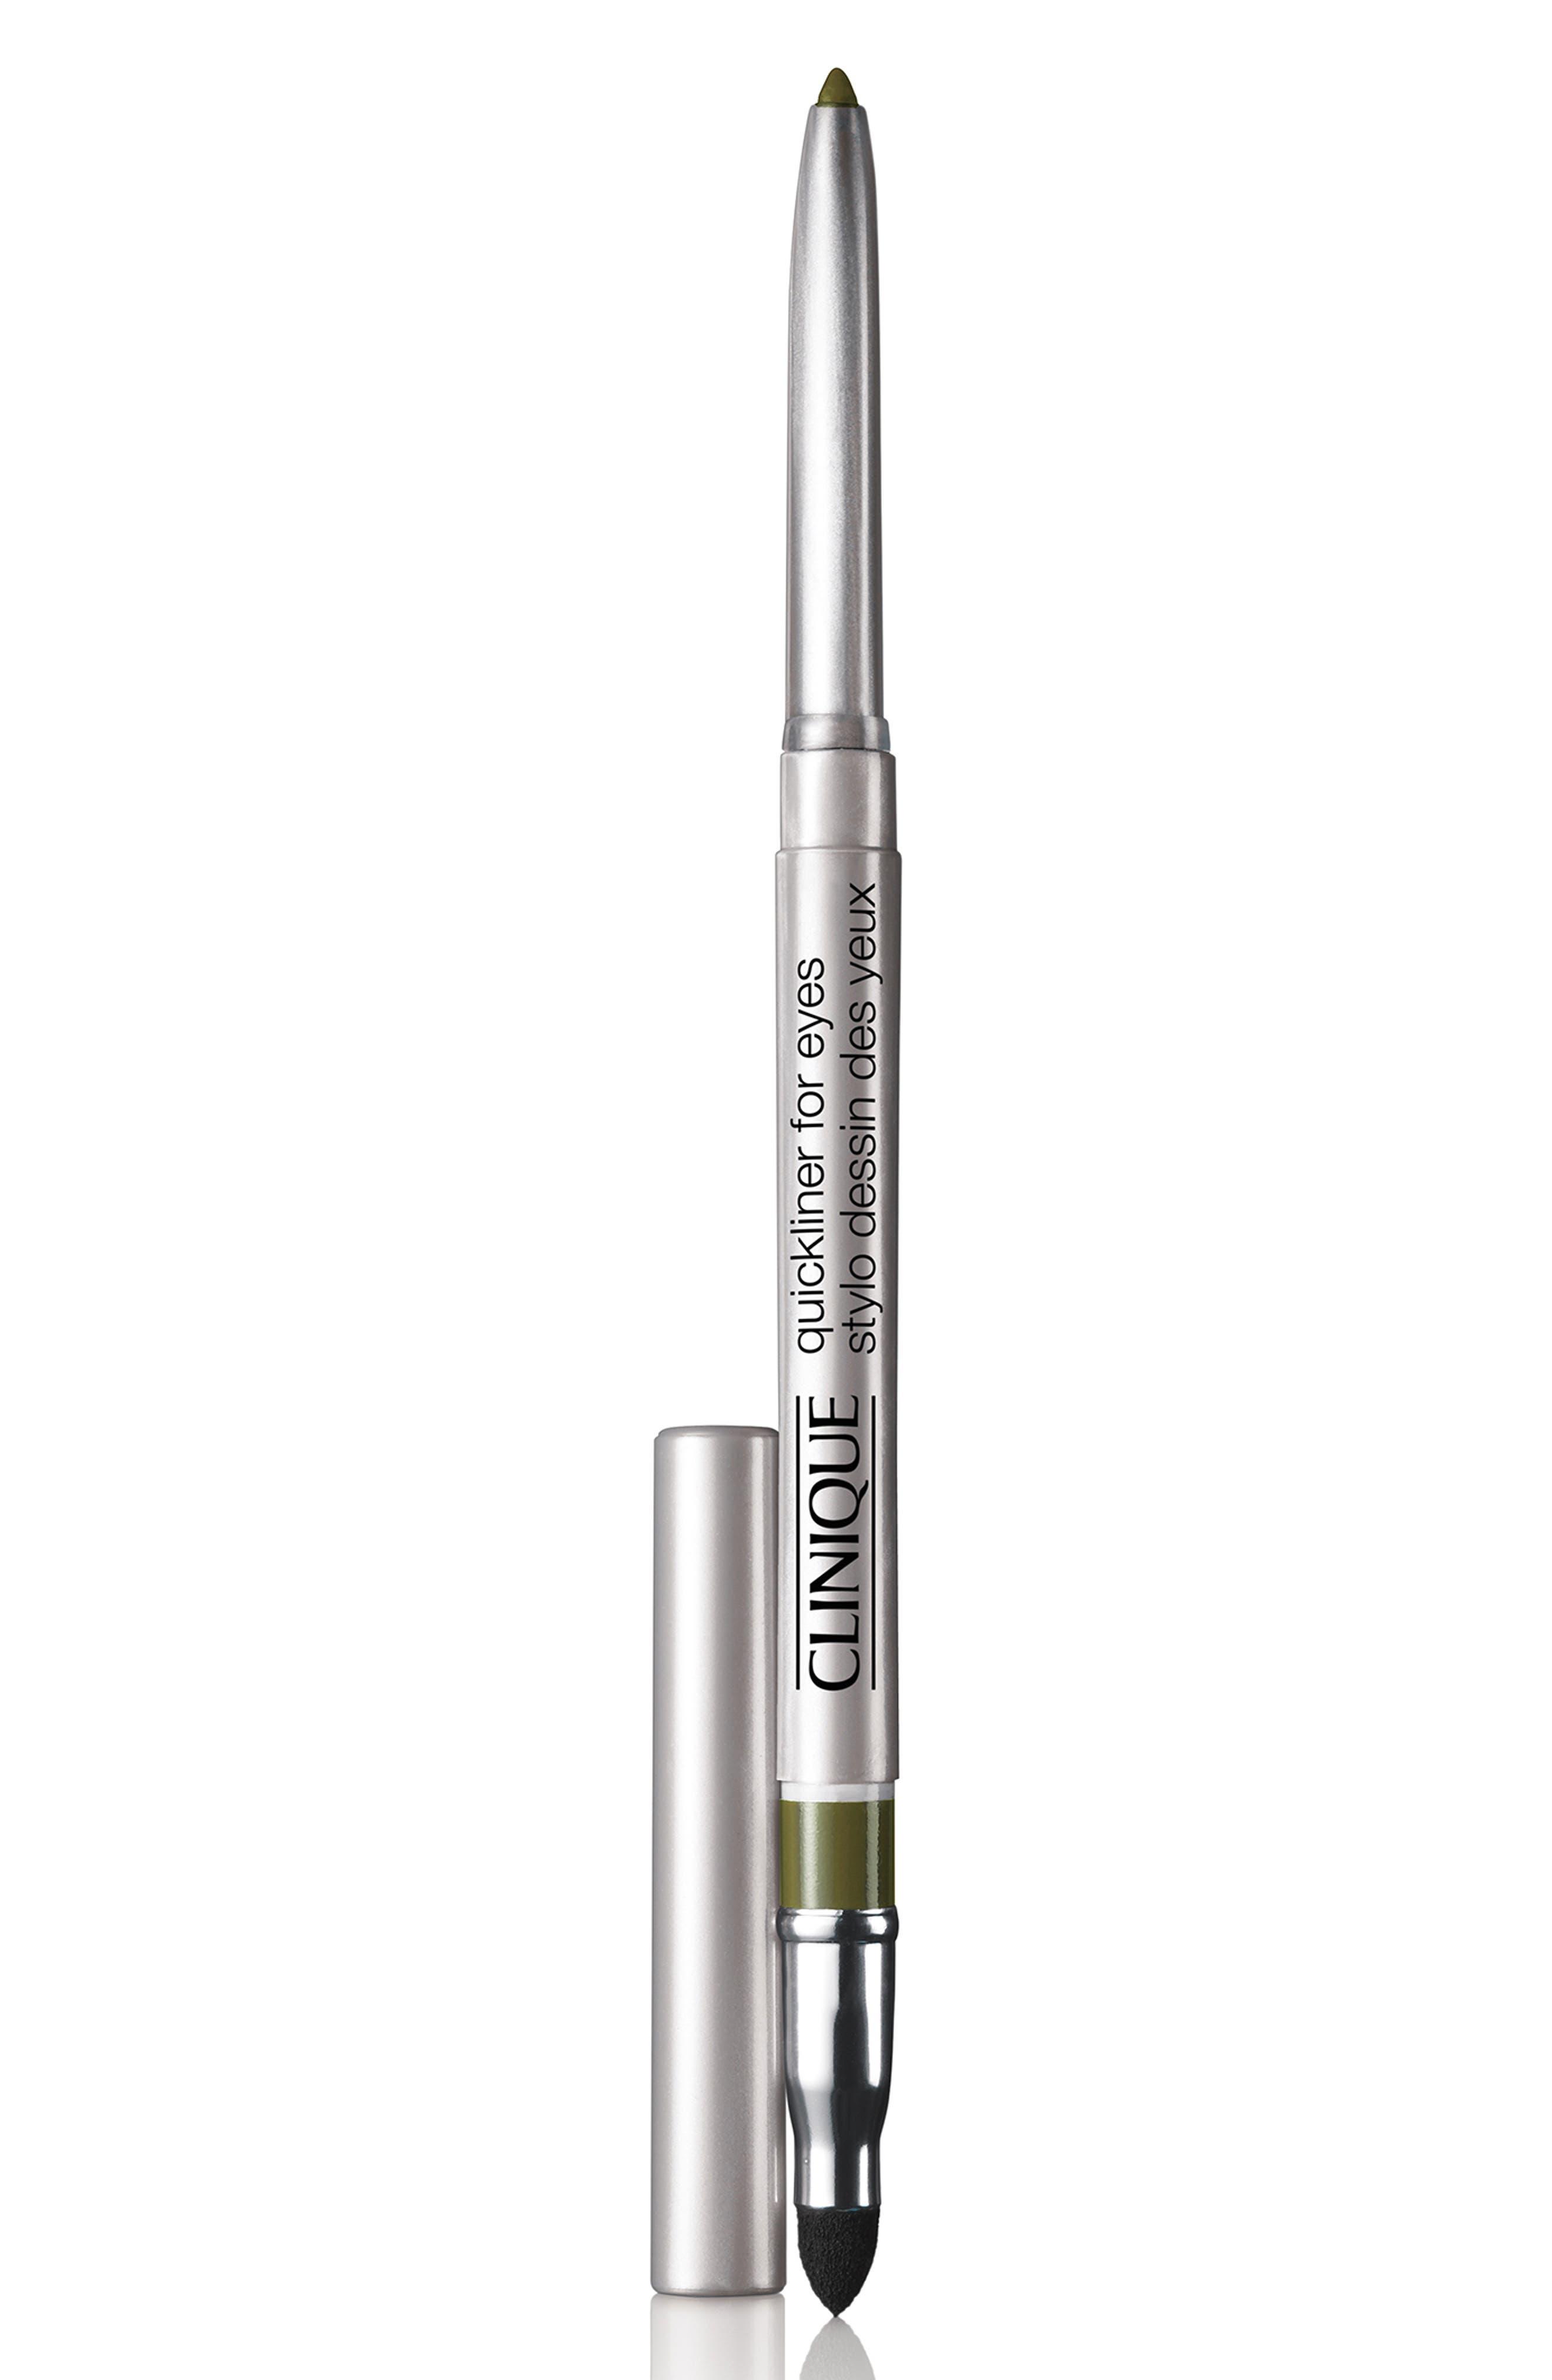 Clinique Quickliner For Eyes Eyeliner Pencil - True Khaki